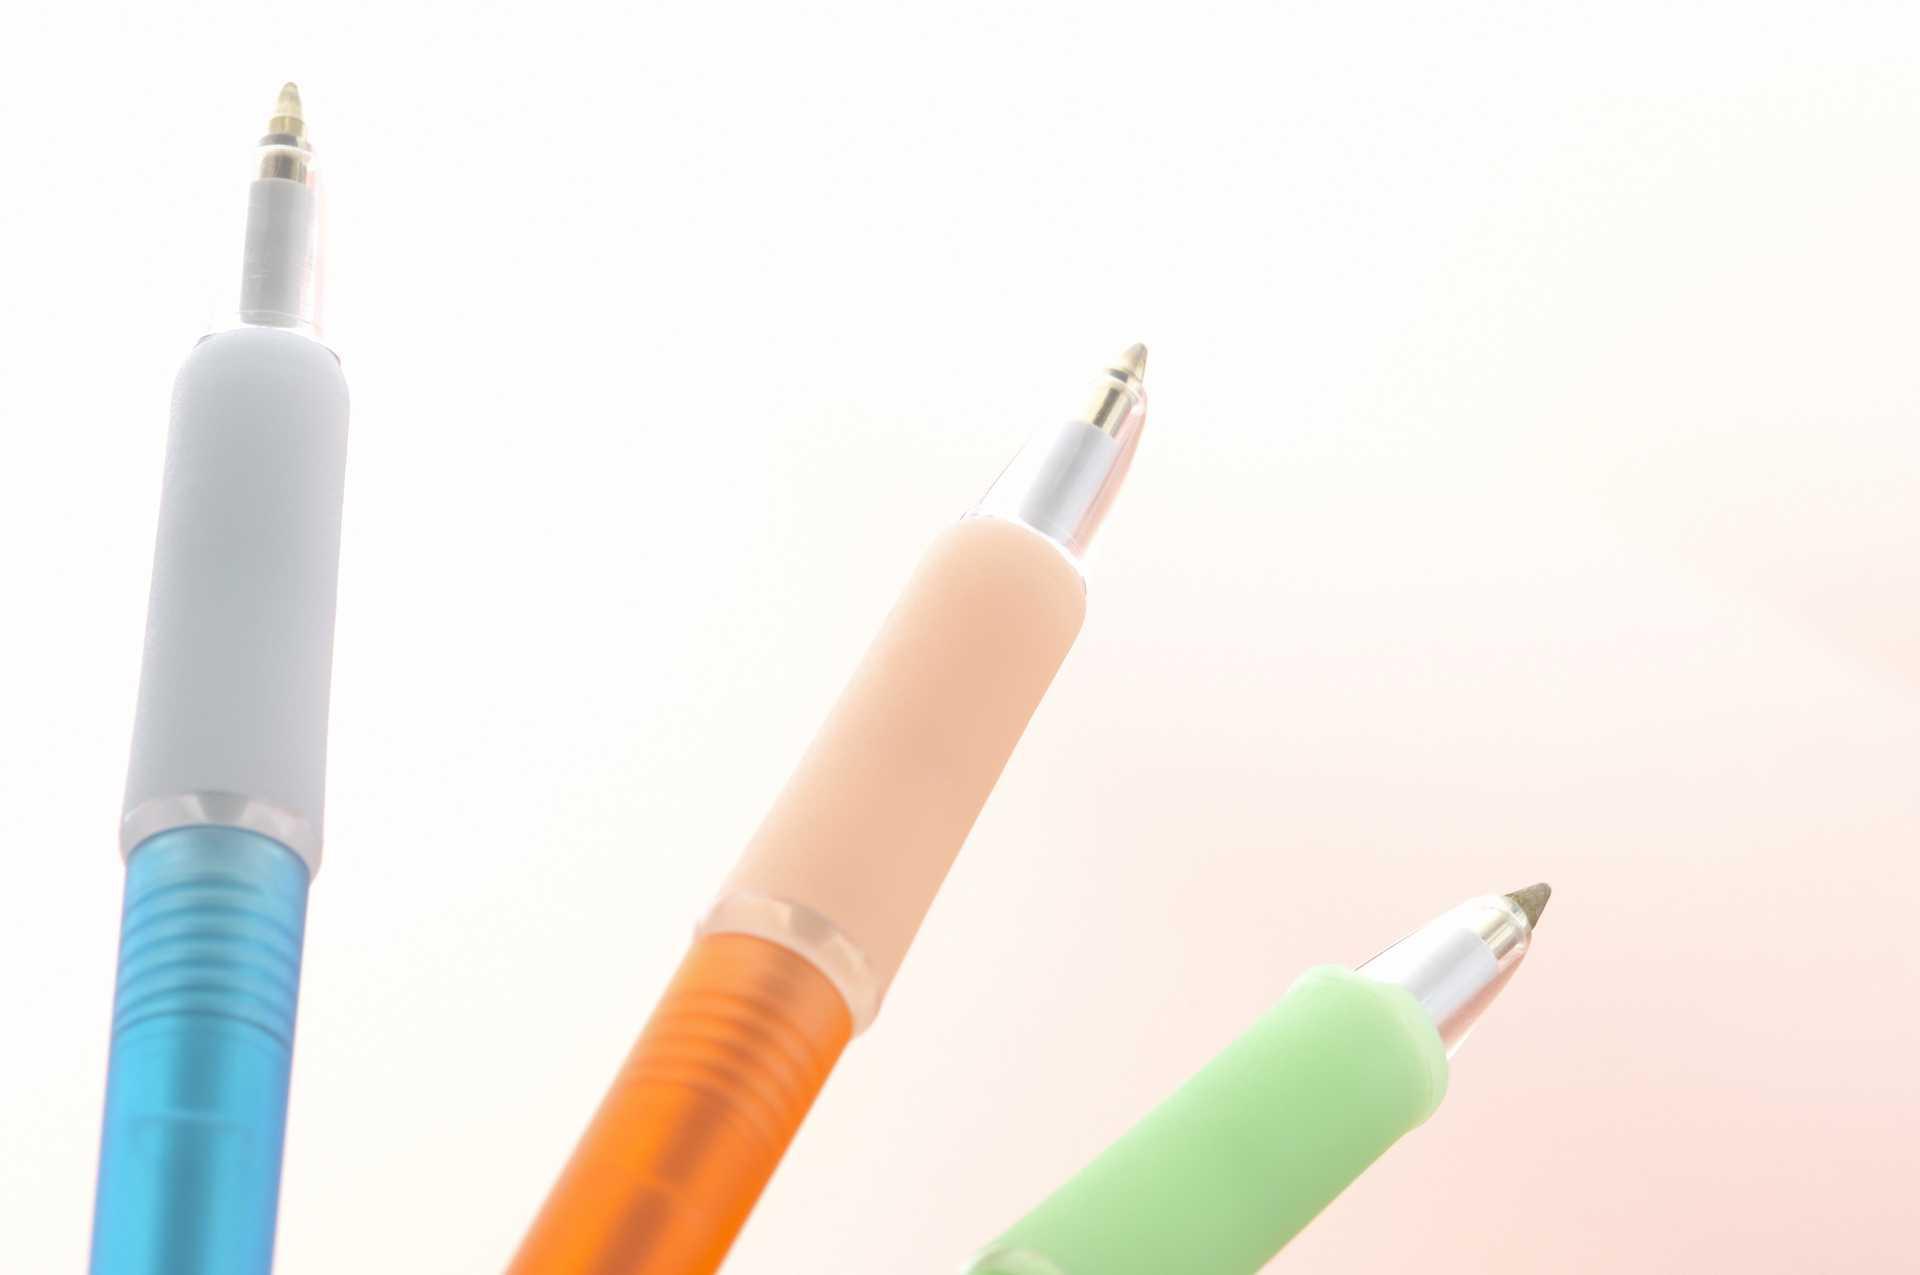 お気に入りのボールペンを持つと、字を書くのが楽しくなる。 | 人生を楽しく生きる30の方法